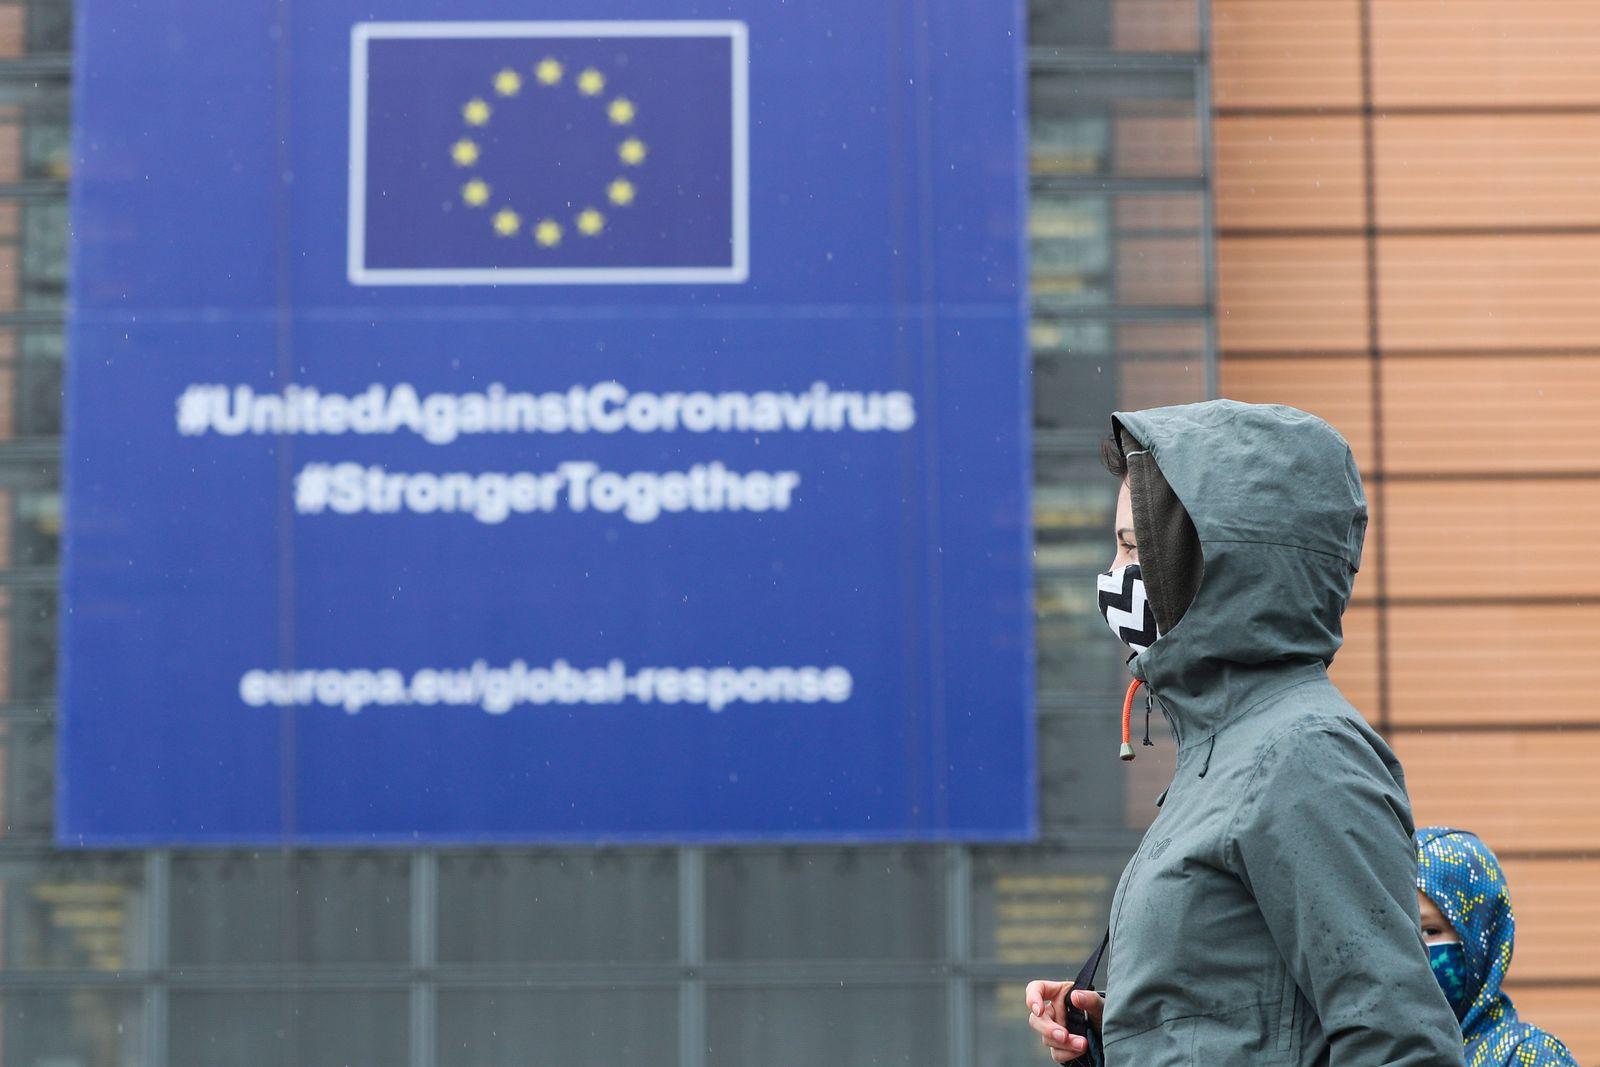 Coronavirus - Europäische Kommission